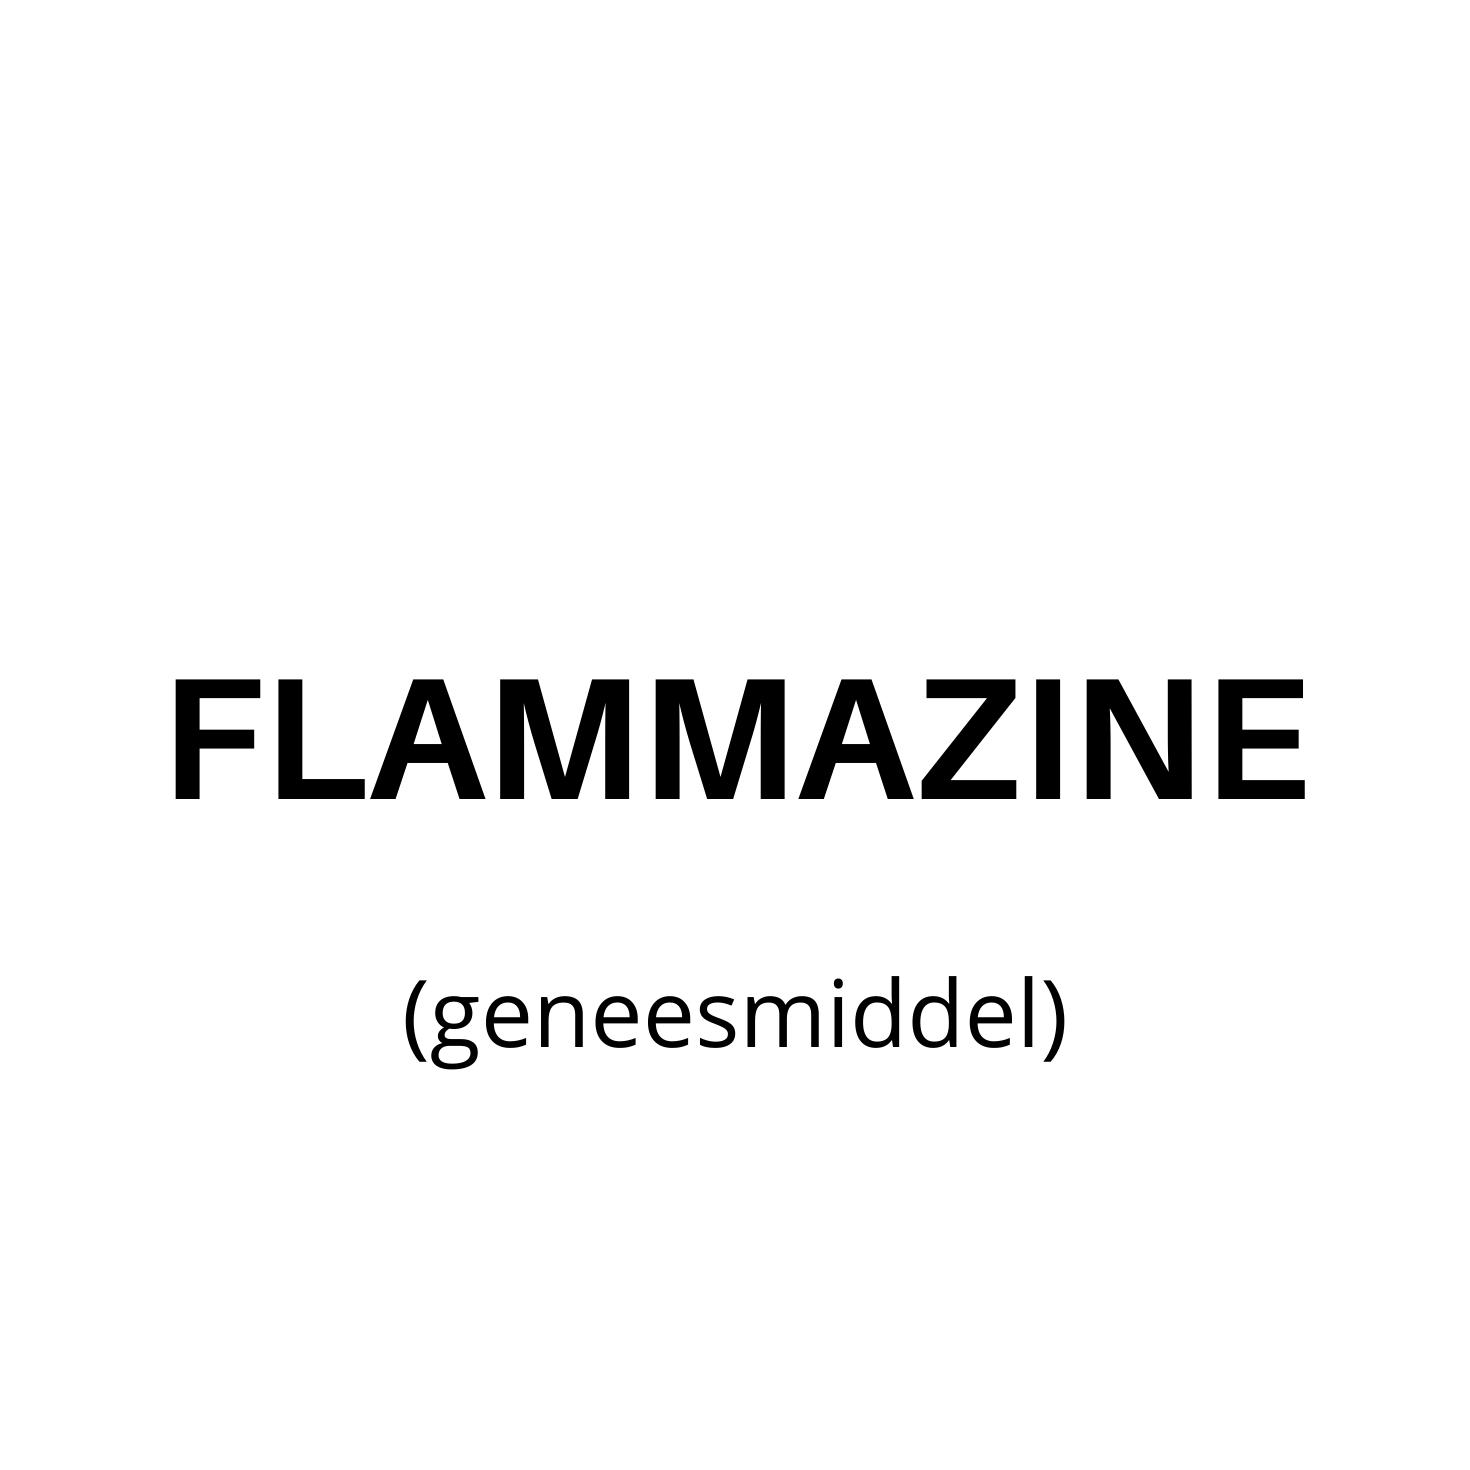 Zwart lettertype met in blokletters Flammazine (geneesmiddel) geschreven op een witte achtergrond.